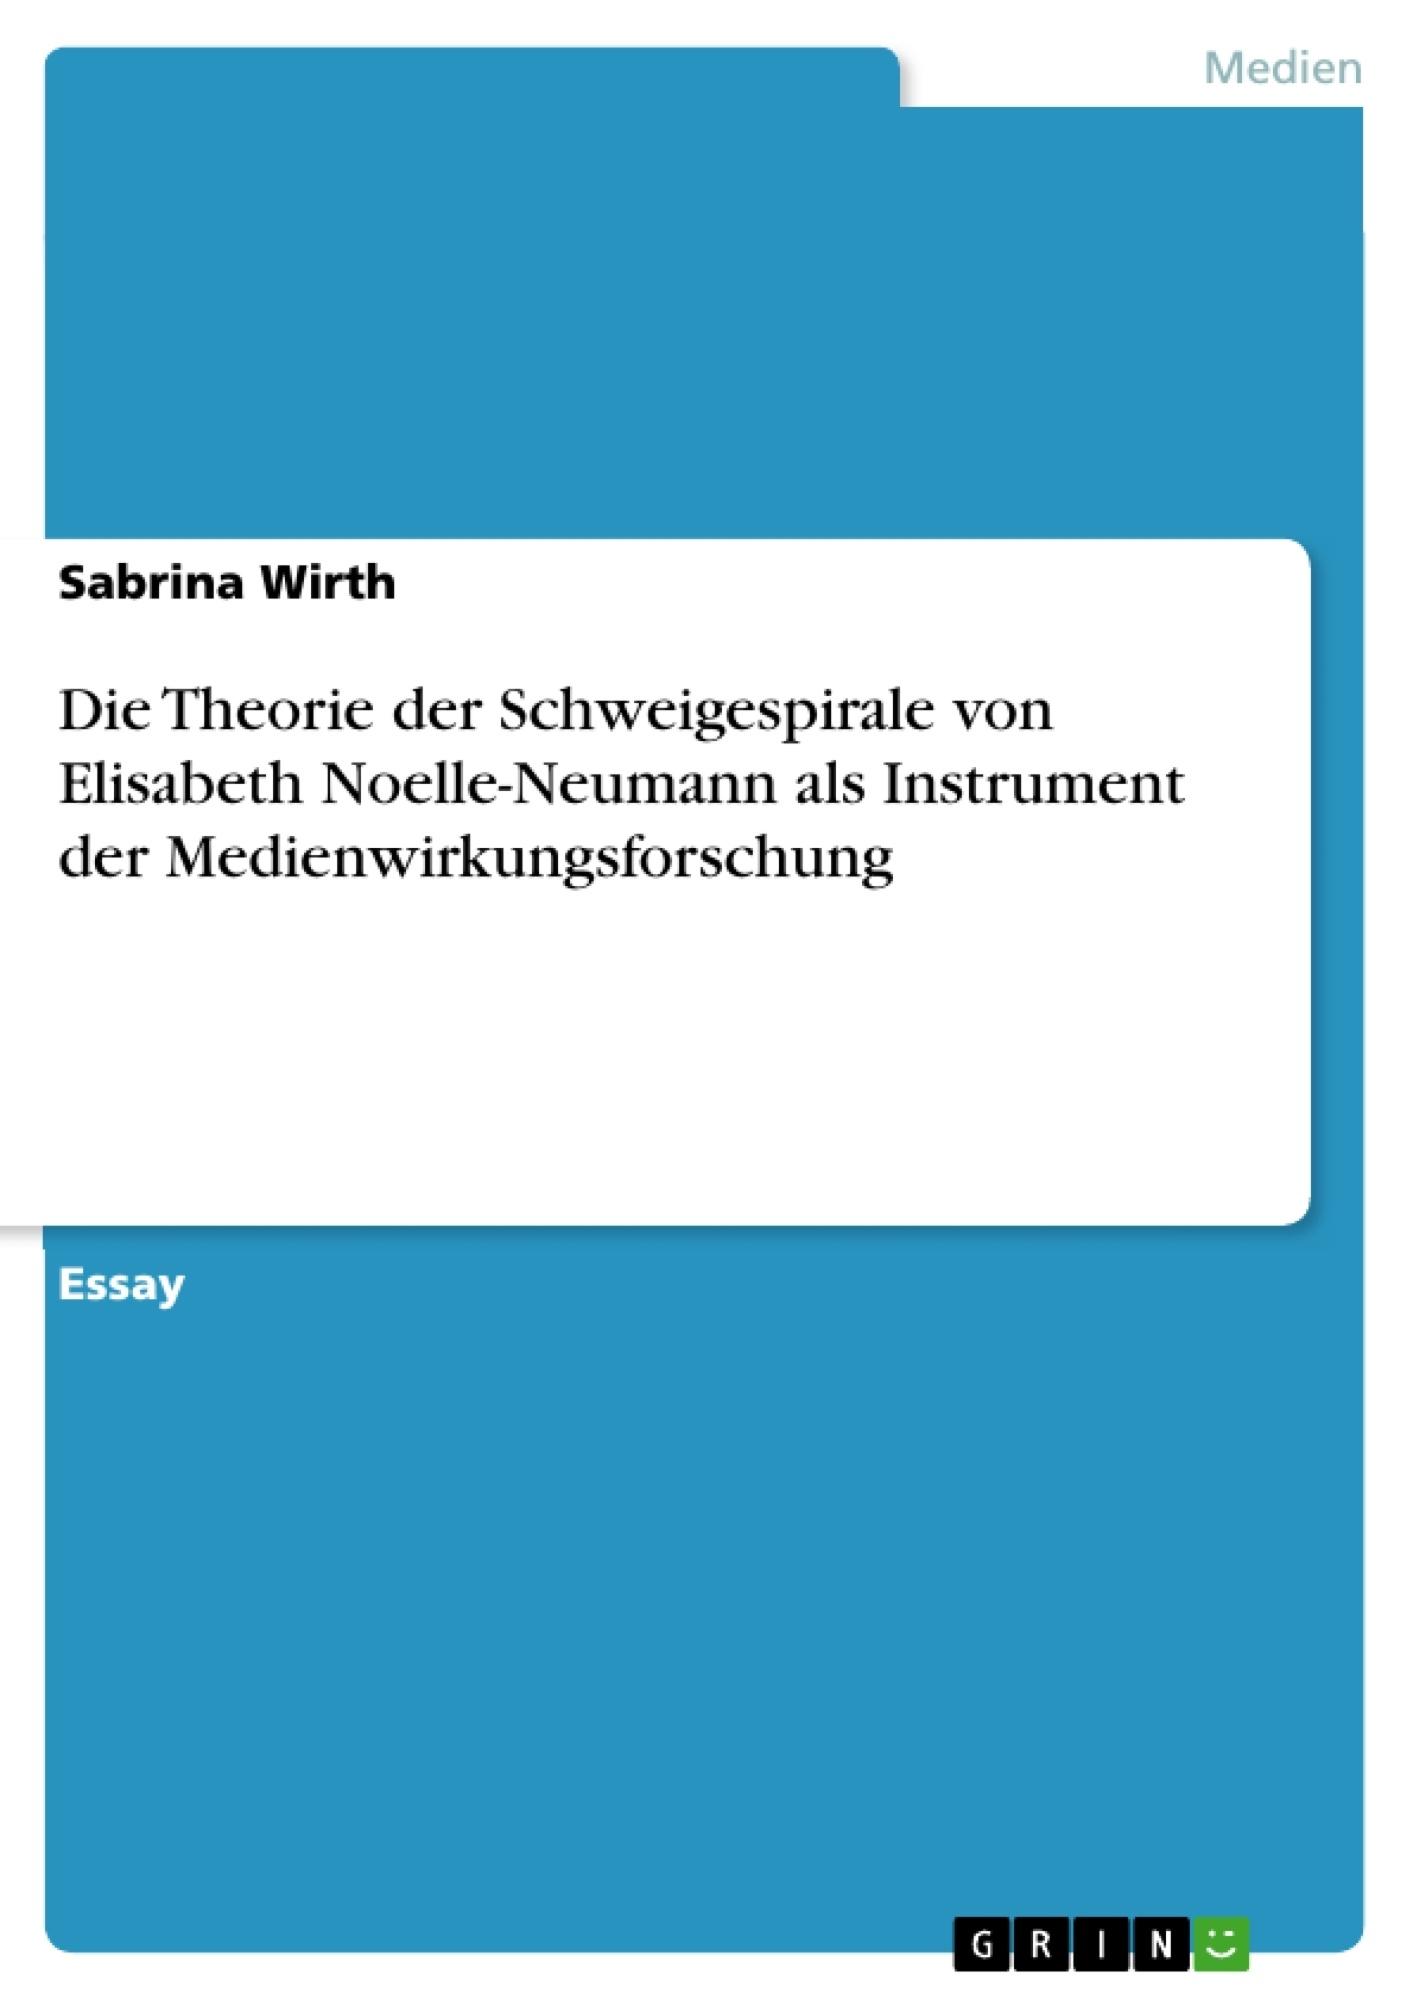 Titel: Die Theorie der Schweigespirale von Elisabeth Noelle-Neumann als Instrument der Medienwirkungsforschung